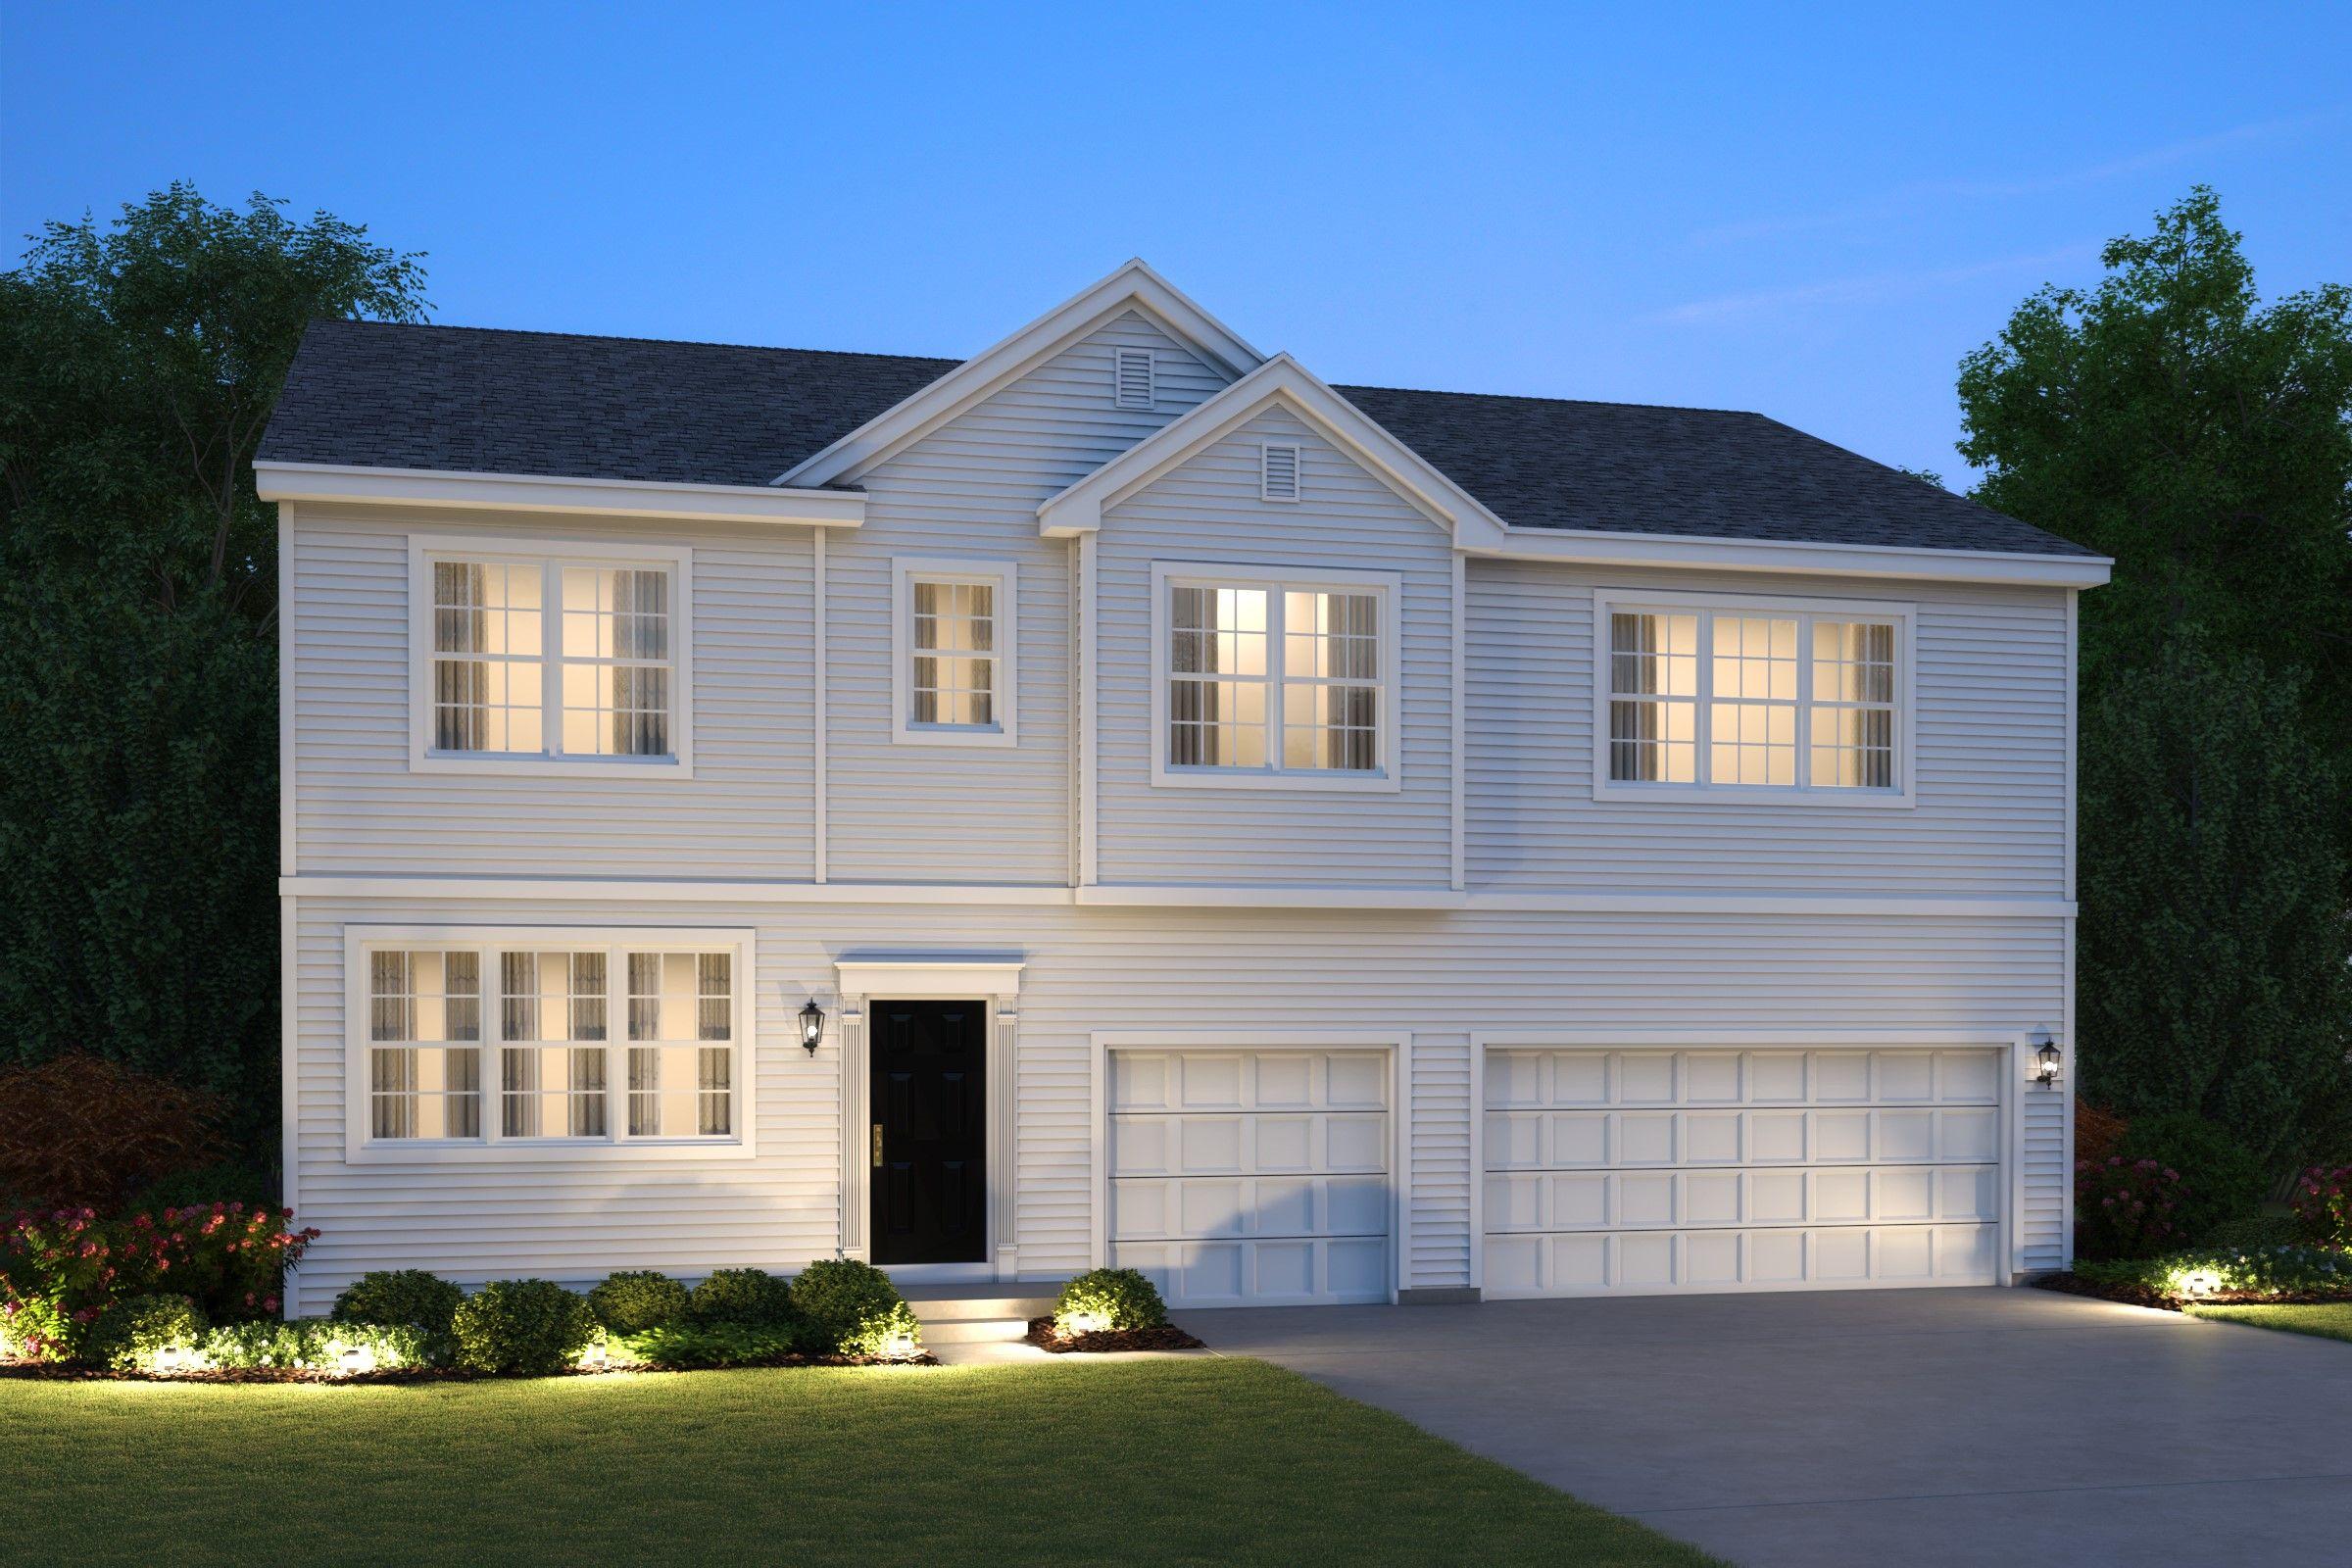 Single Family for Sale at North Grove Crossing - Barrett 853 Alden Drive Sycamore, Illinois 60178 United States